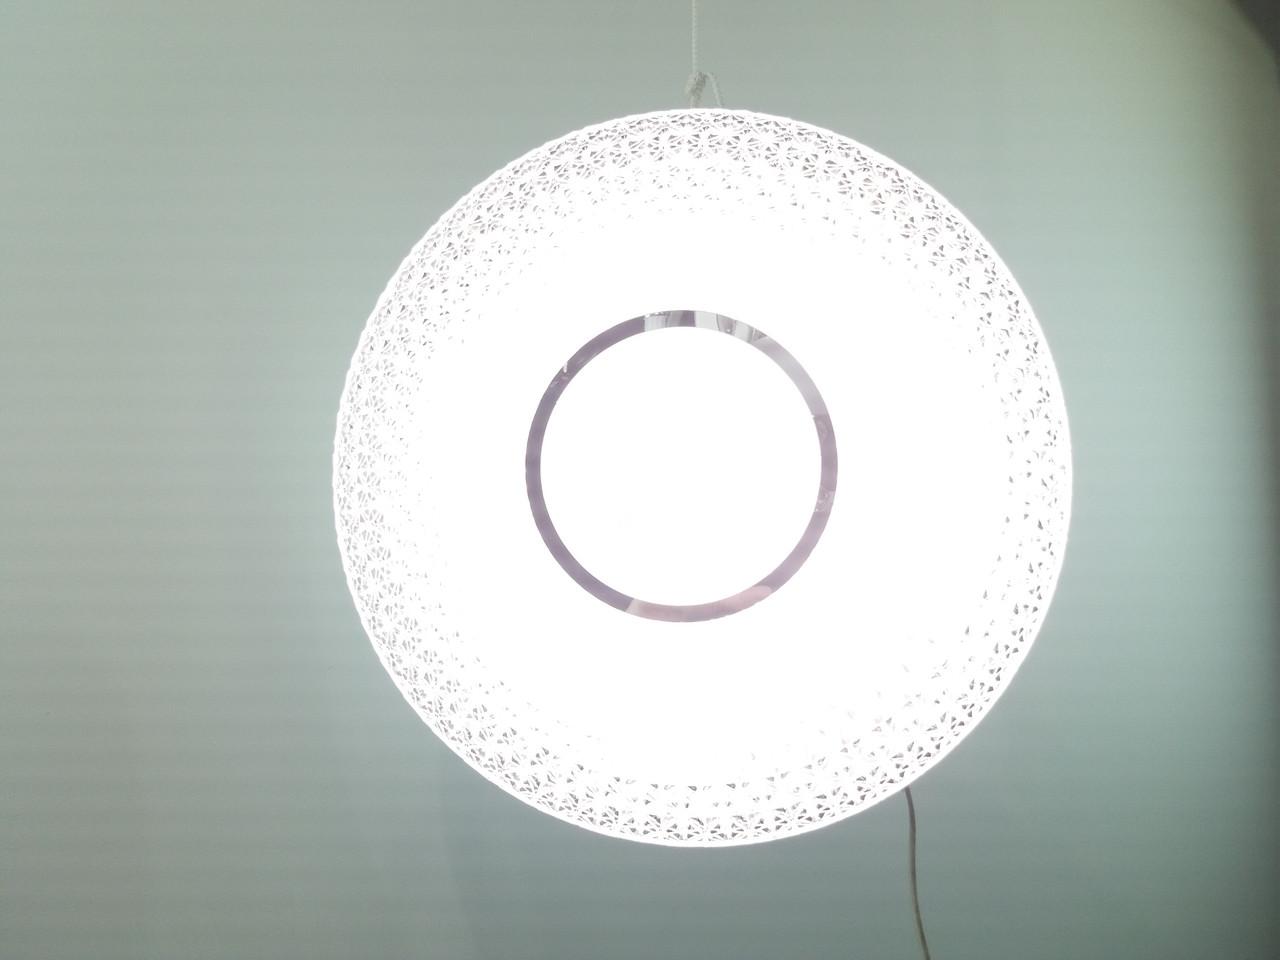 Потолочный лед светильник SMART-60W-022 на пульте ДУ